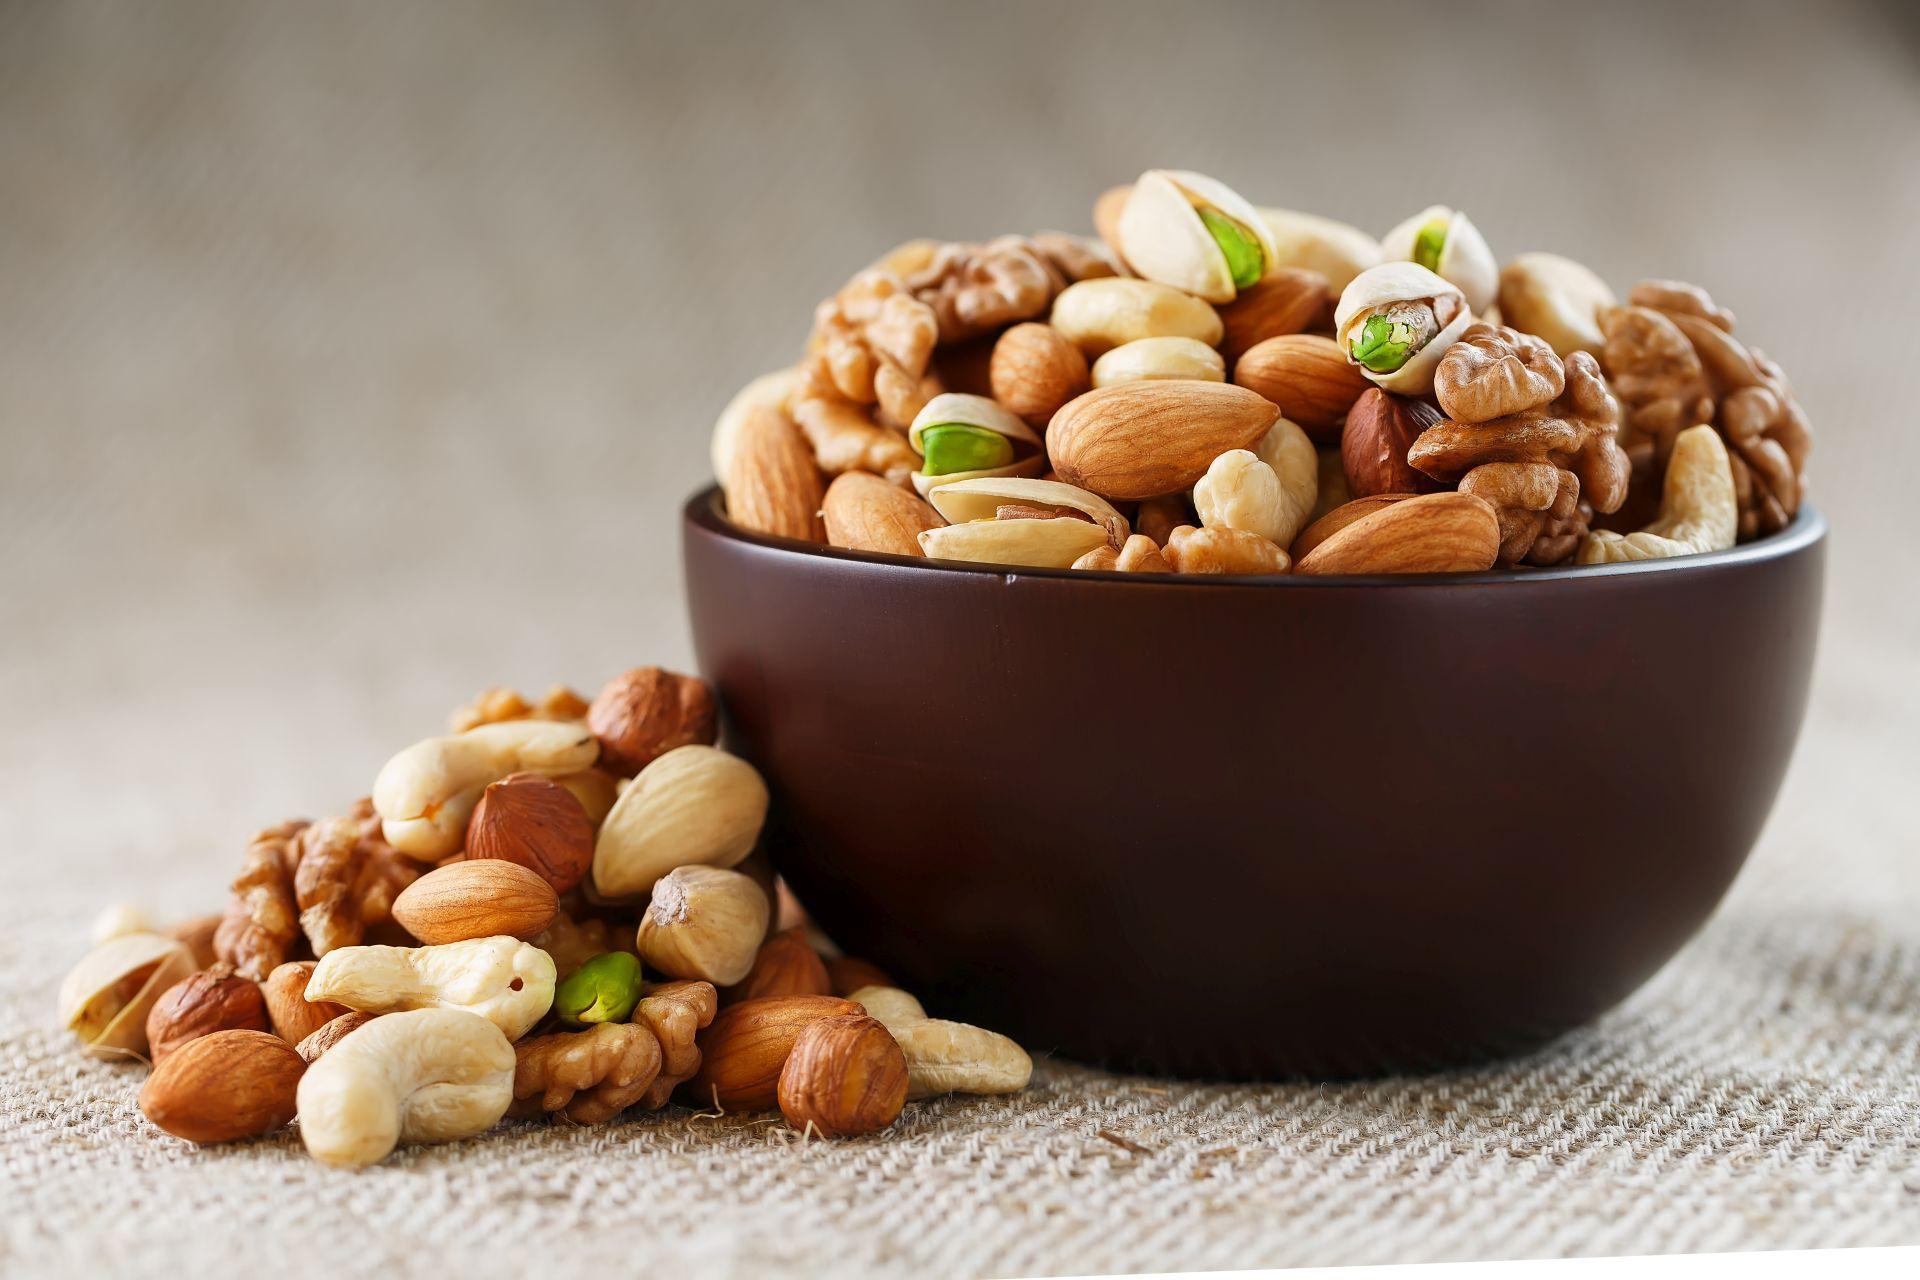 Zdrowa dieta to taka, w której znajdują się wszystkie niezbędne do funkcjonowania organizmu składniki. Jak na co dzień wytrwać w zdrowych nawykach żywieniowych? Sprawdź!